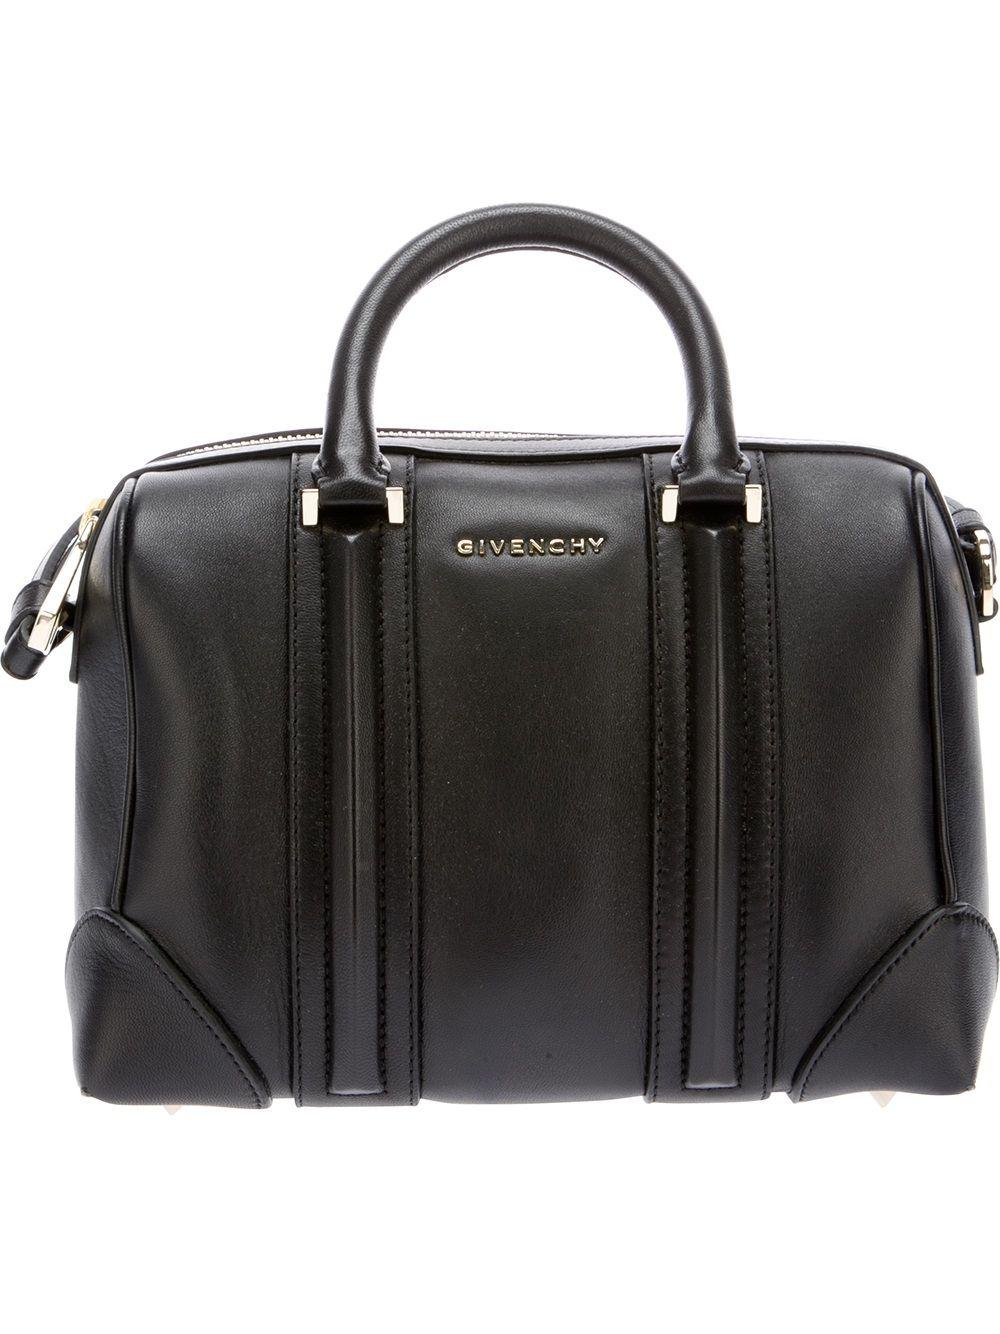 de14d08a817b Givenchy Bolsa Preta. - Gente Roma - Farfetch.com.br